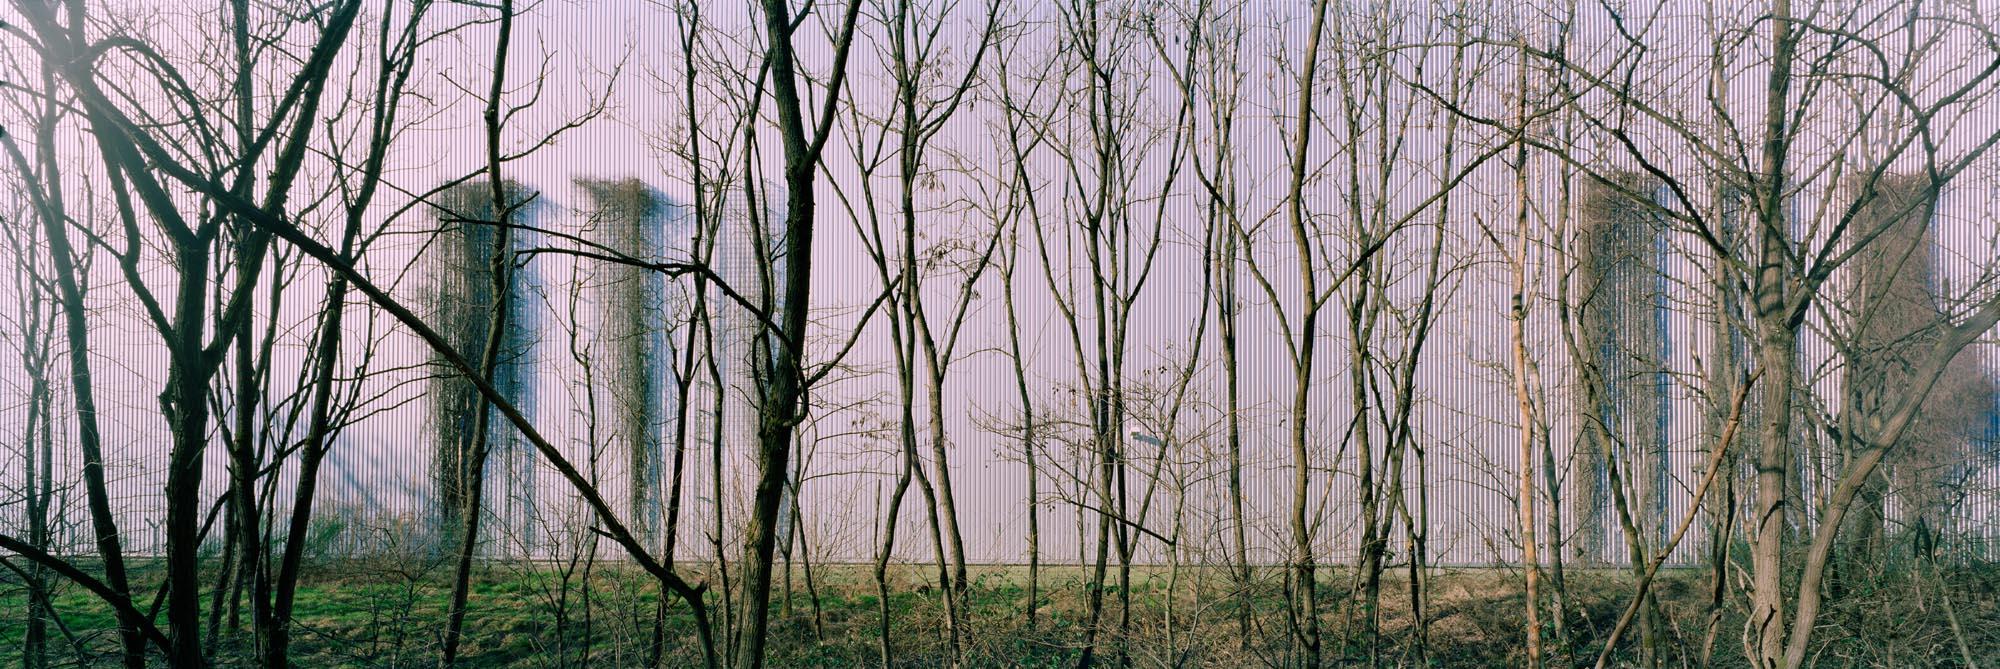 2214-11-Neuborner Wald - Krüger Hochregallager